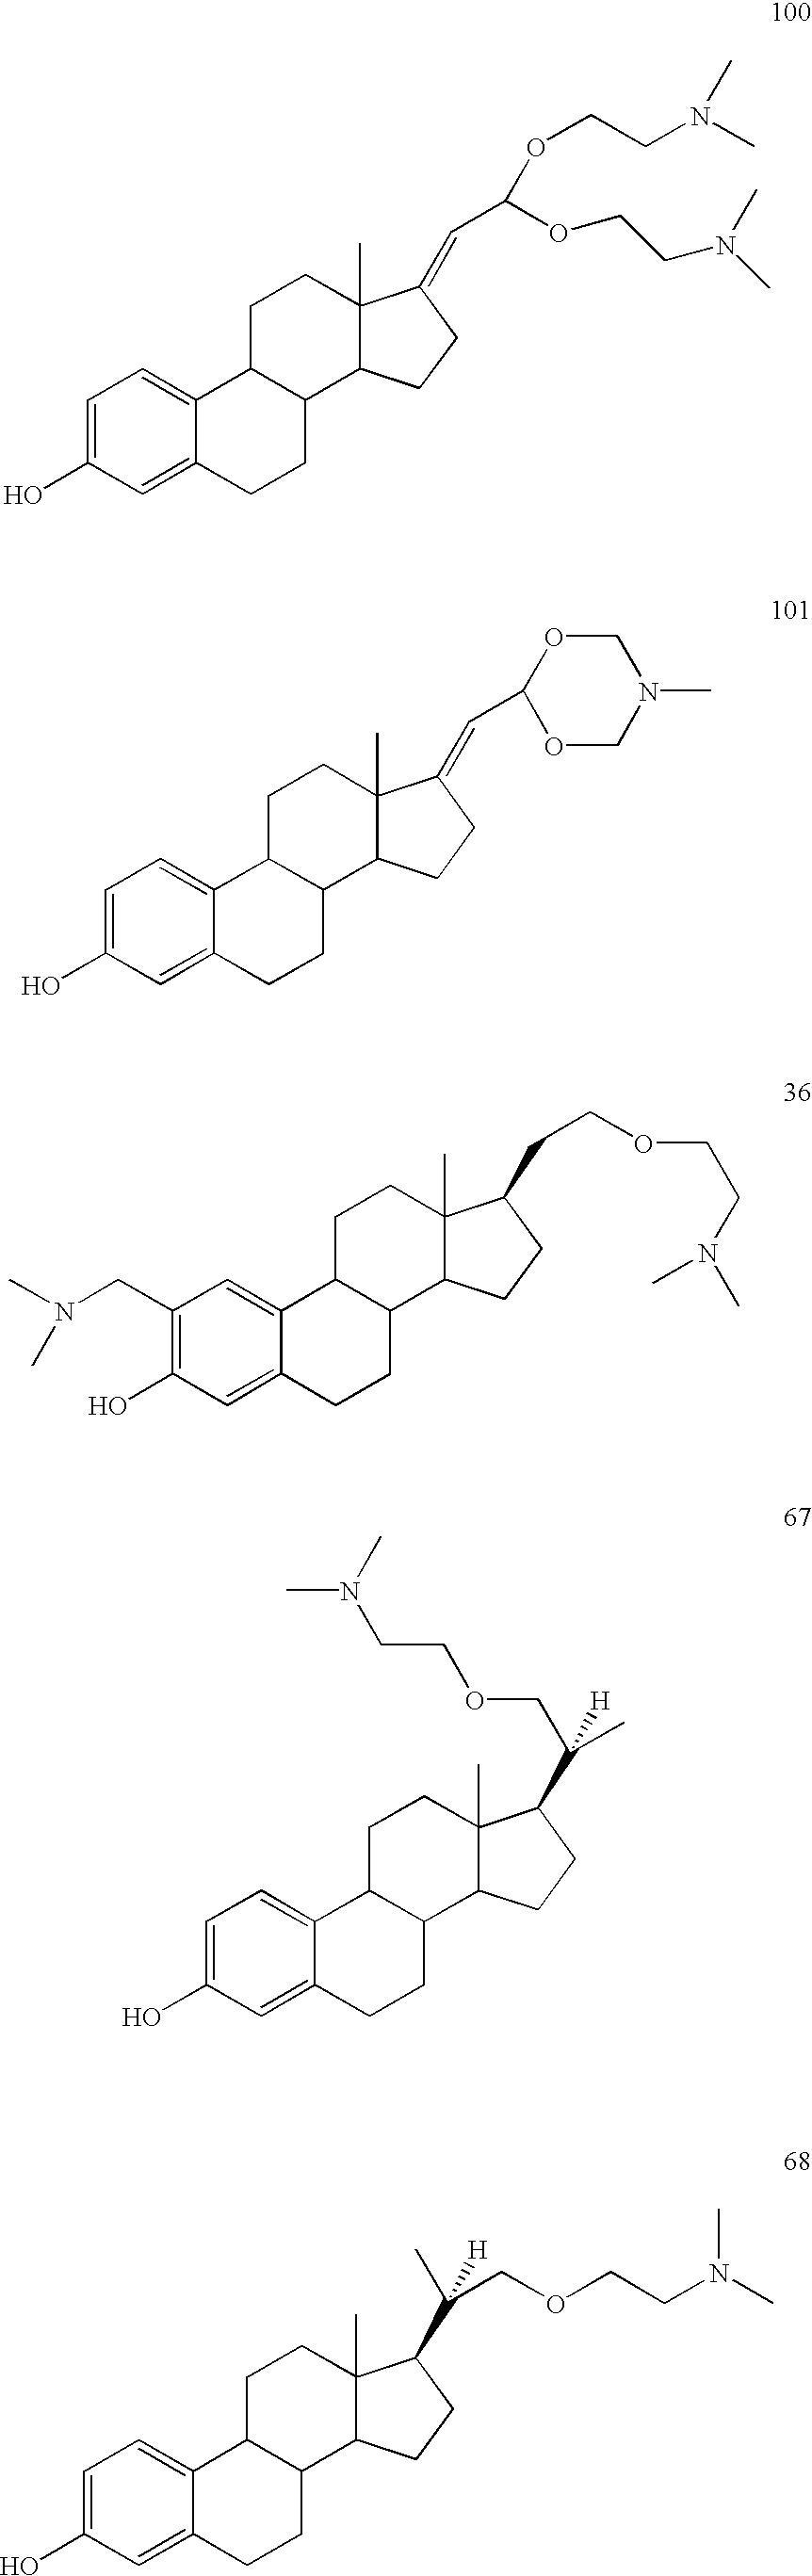 Figure US06747018-20040608-C00026